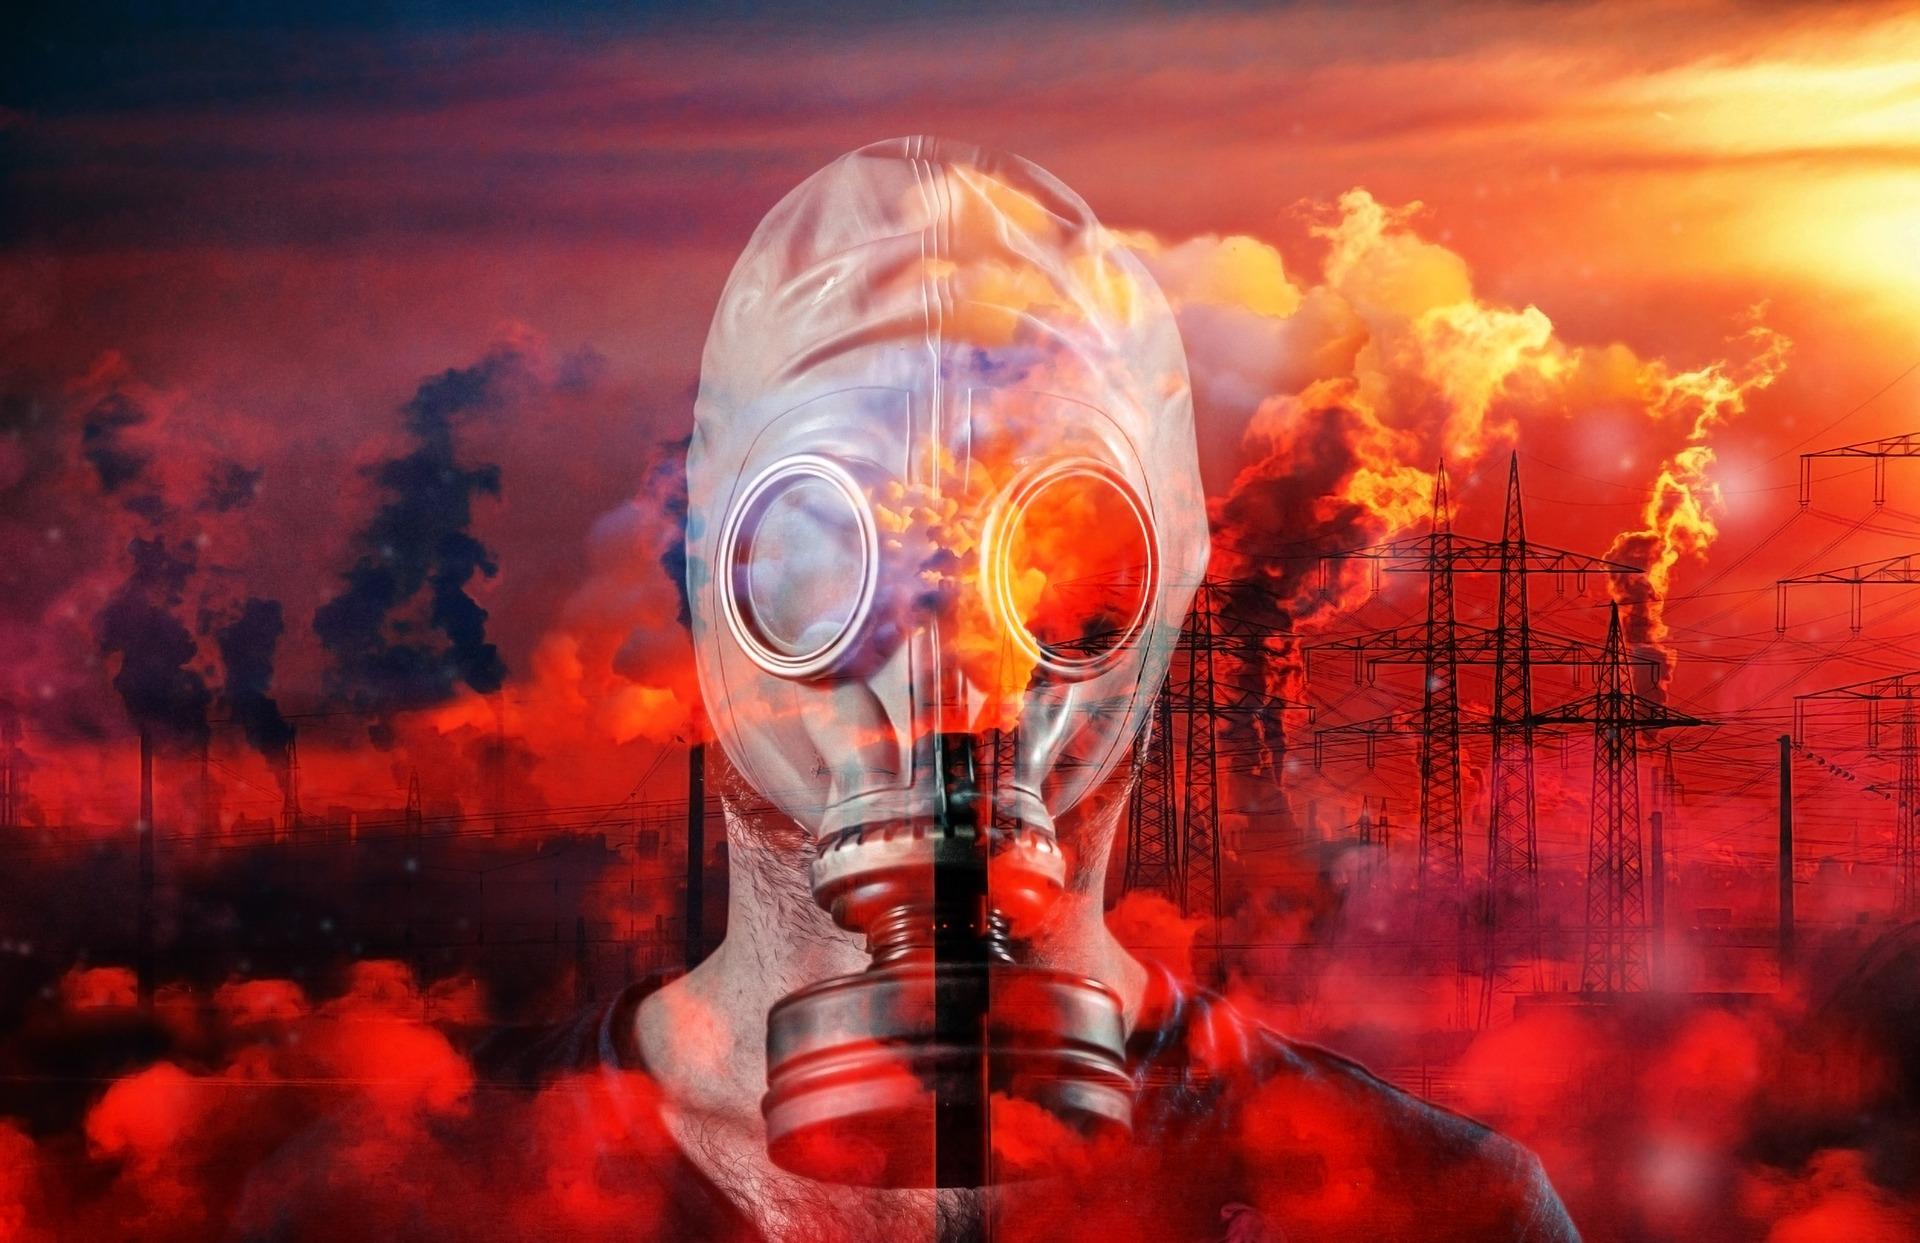 cambio climático fenómeno psicológico